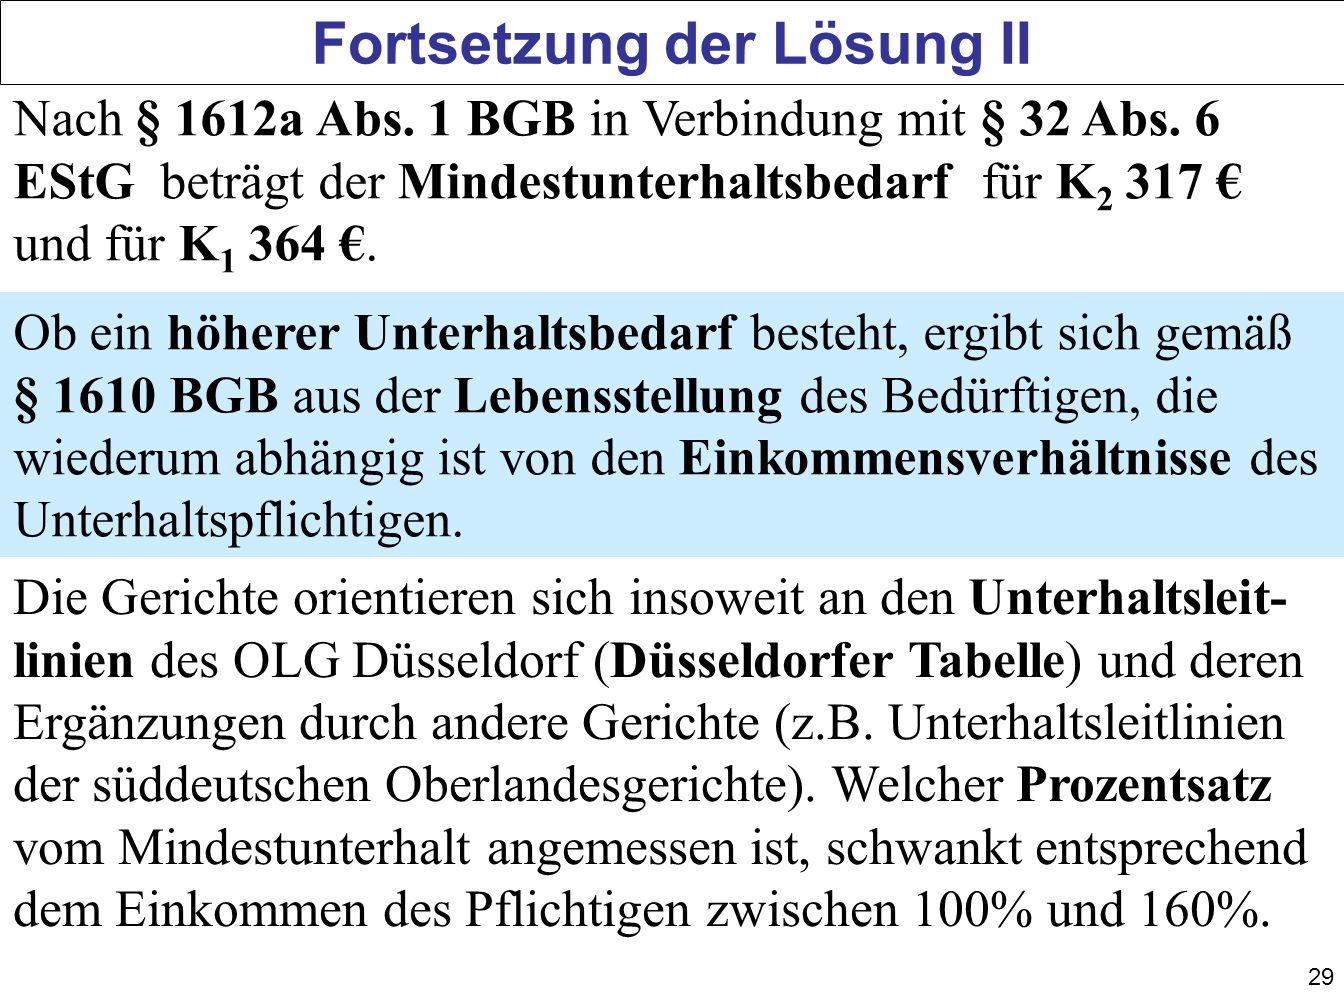 29 Fortsetzung der Lösung II Nach § 1612a Abs. 1 BGB in Verbindung mit § 32 Abs. 6 EStG beträgt der Mindestunterhaltsbedarf für K 2 317 und für K 1 36